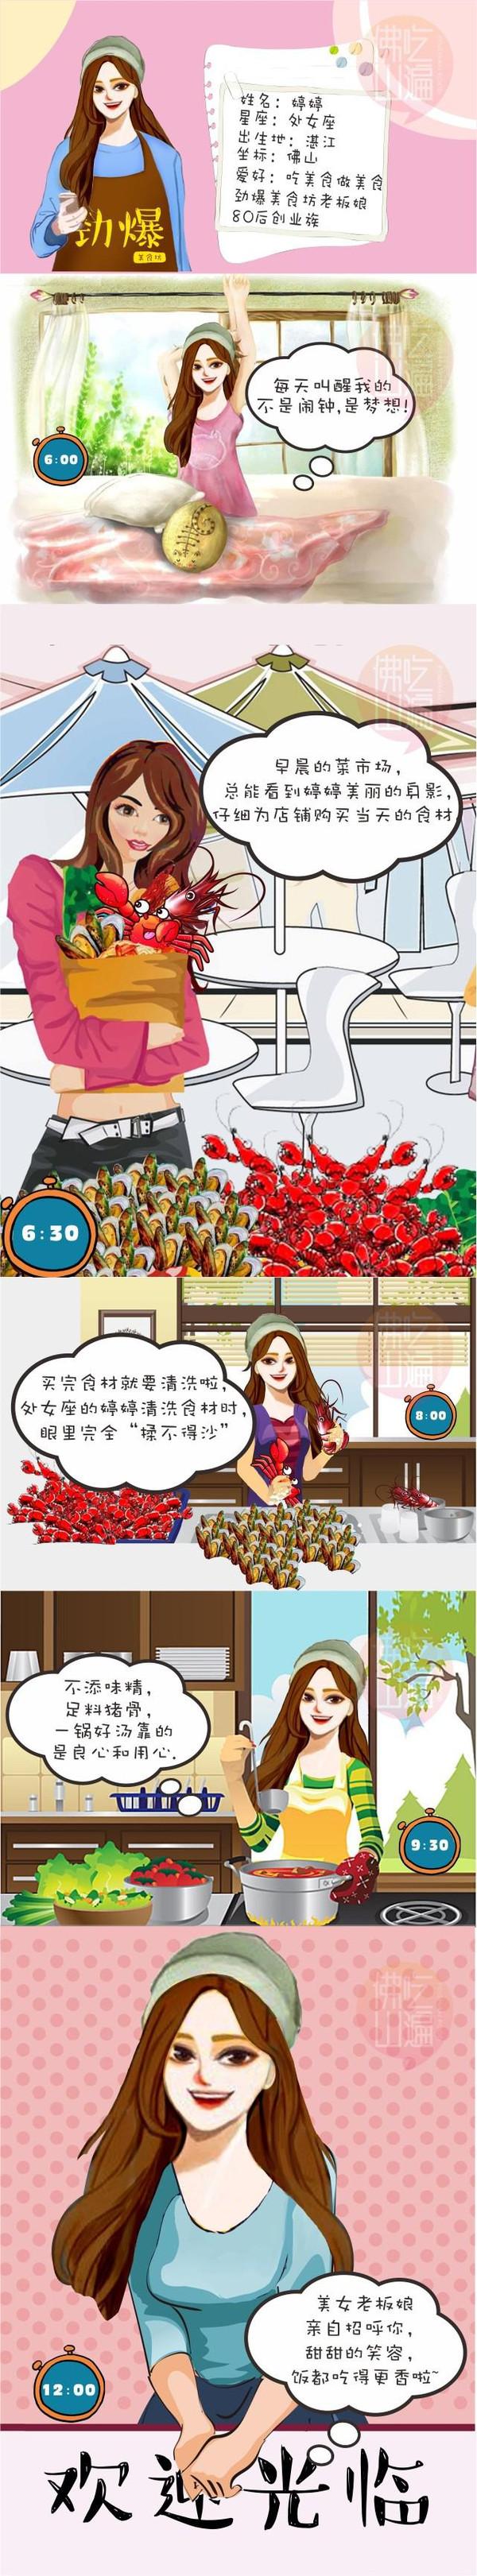 """【佛山美食】""""花甲西施""""惊现佛山,美味和人气一"""